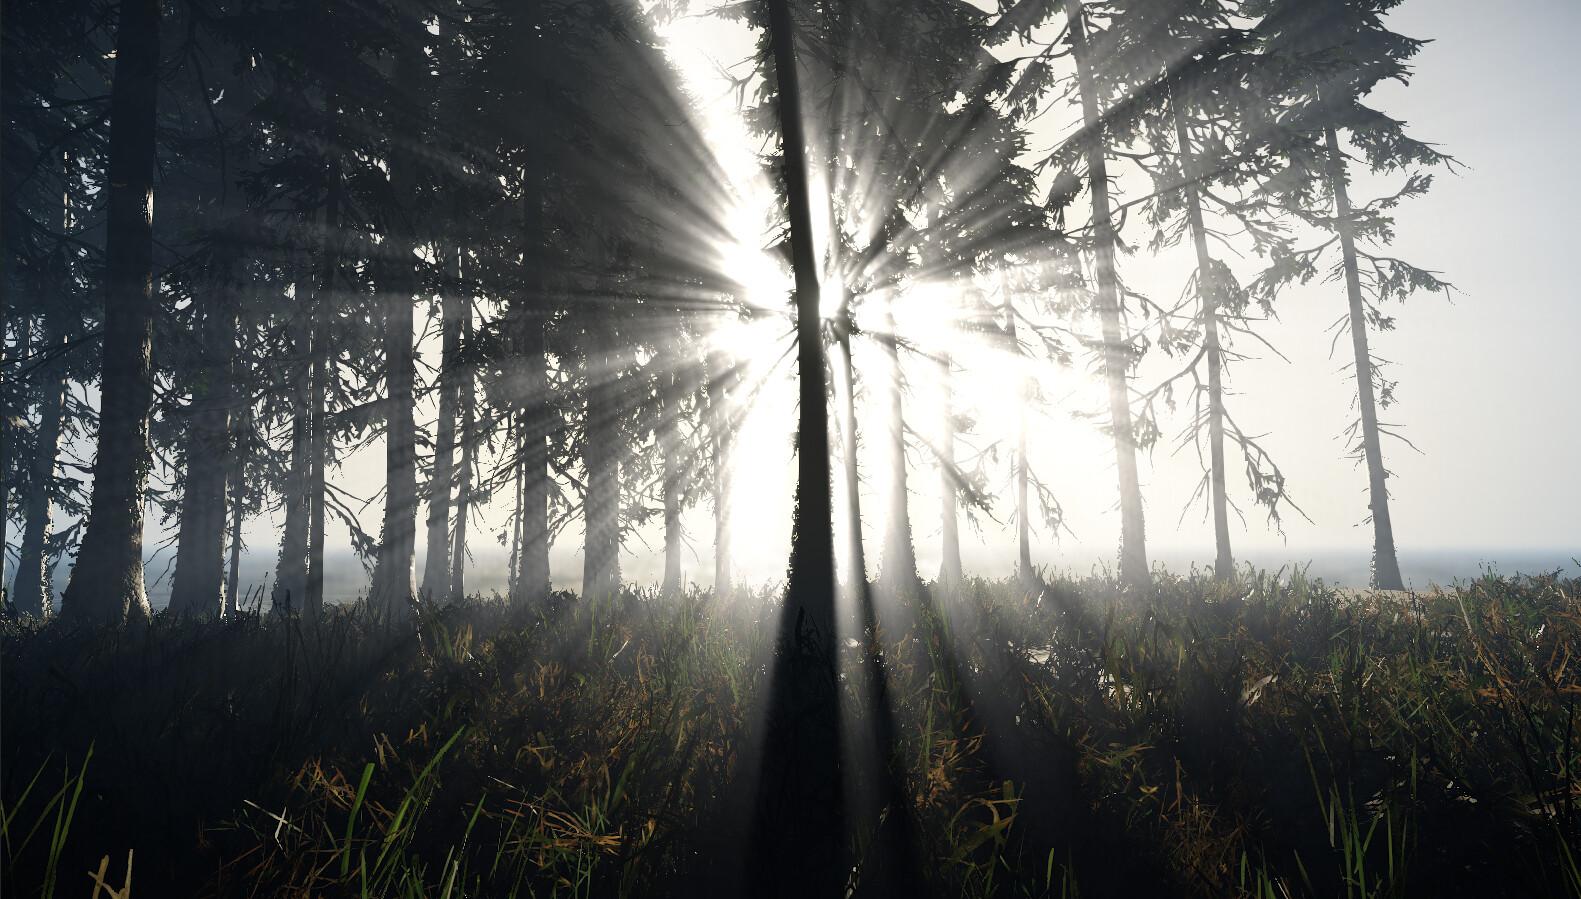 ArtStation - Cryengine sweet nature 4, Lucas Ruyer